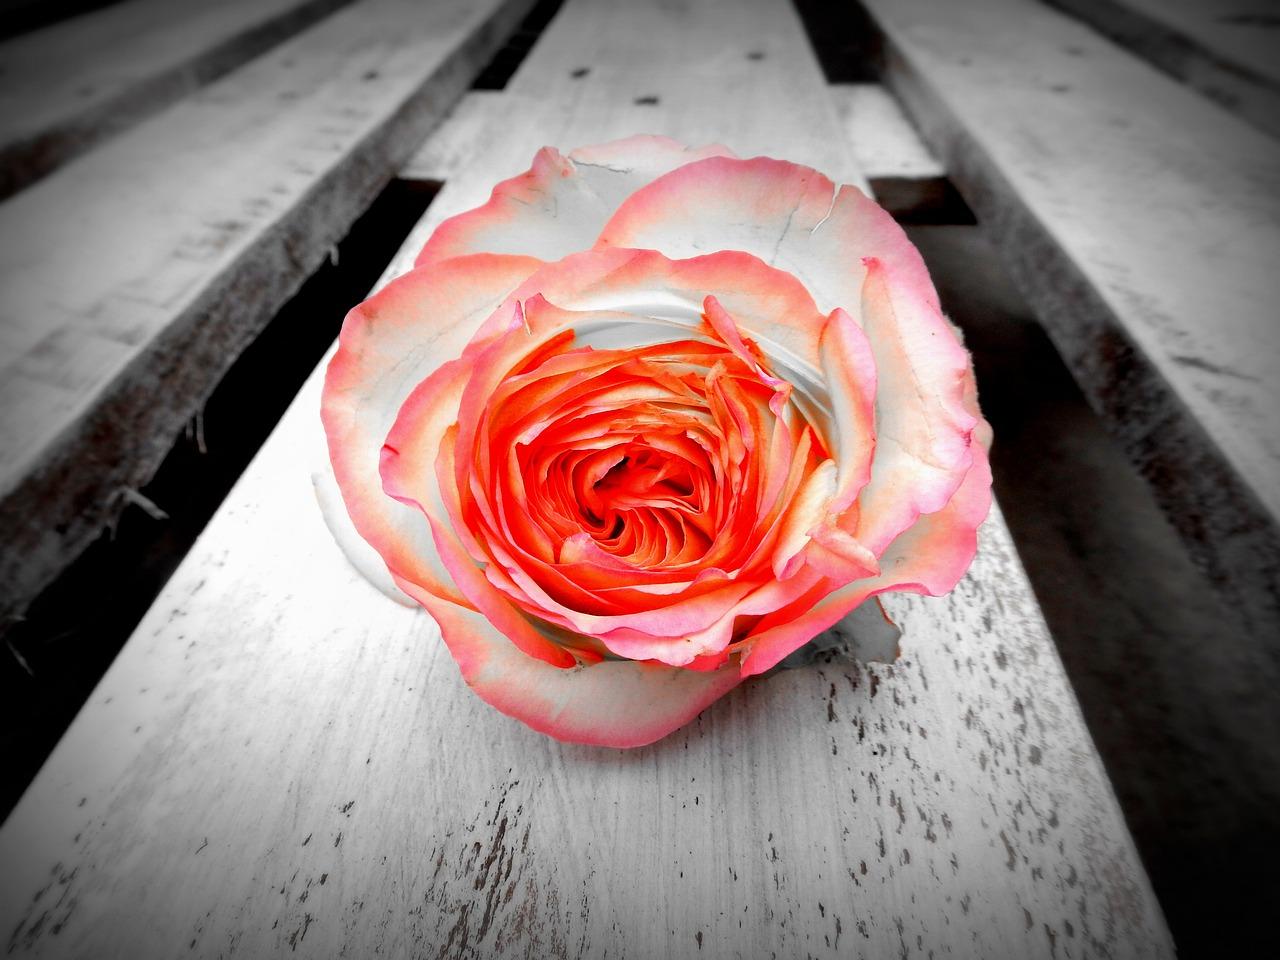 rose-1120568_1280